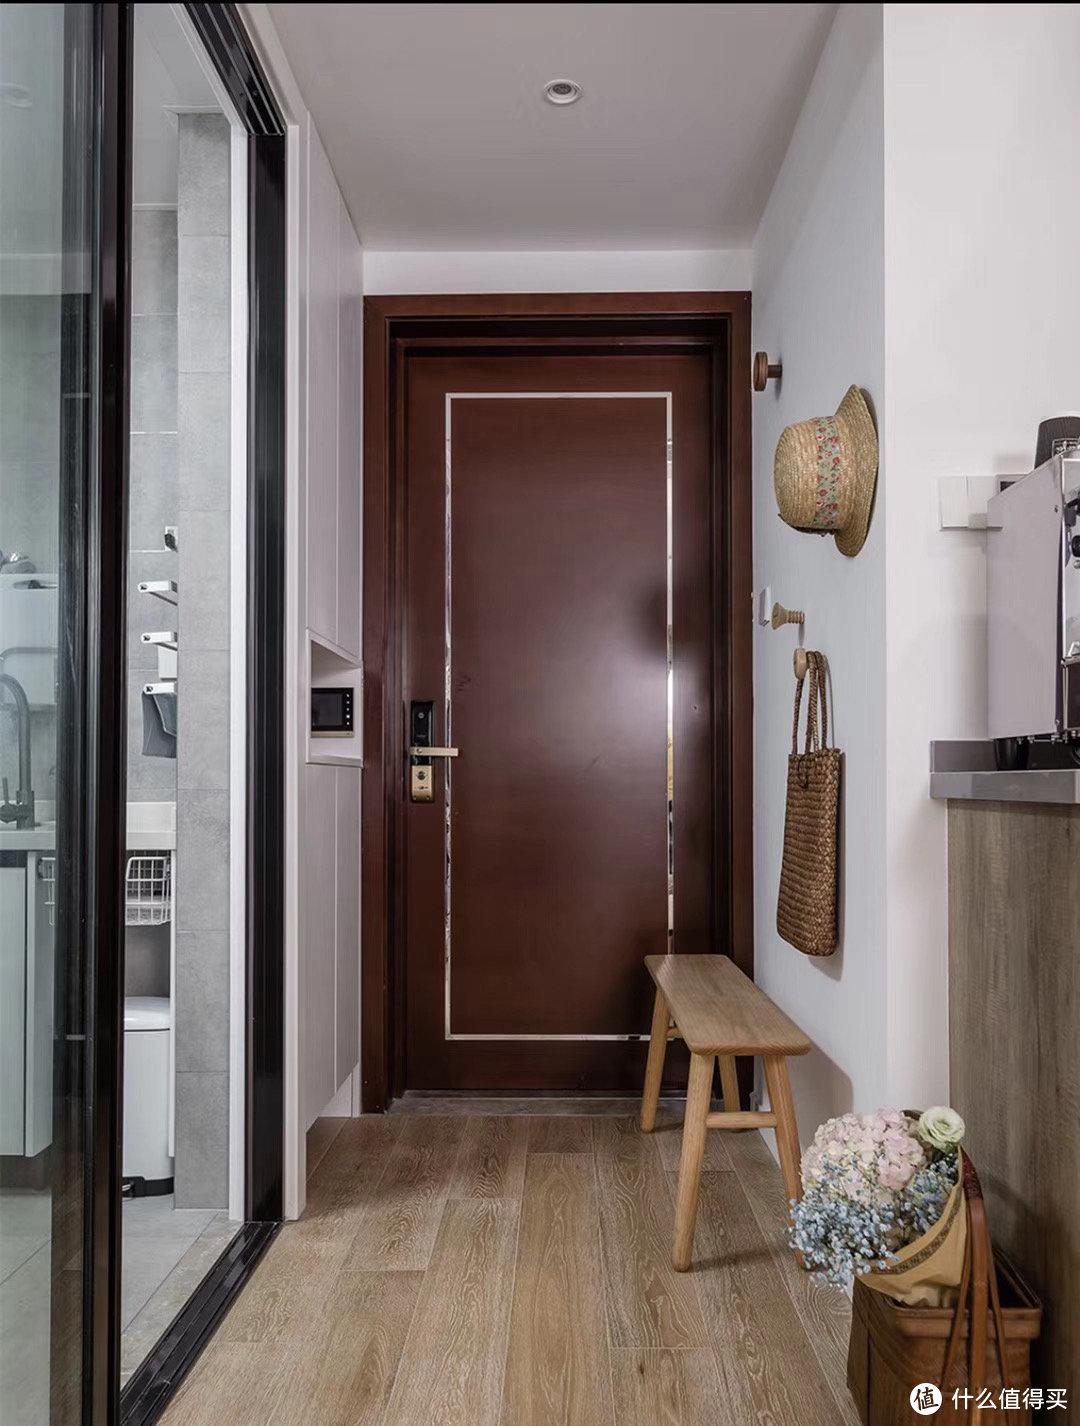 90㎡新居|半年精装,家要装出自己的风格,柴米油盐诗画酒花样样都安排